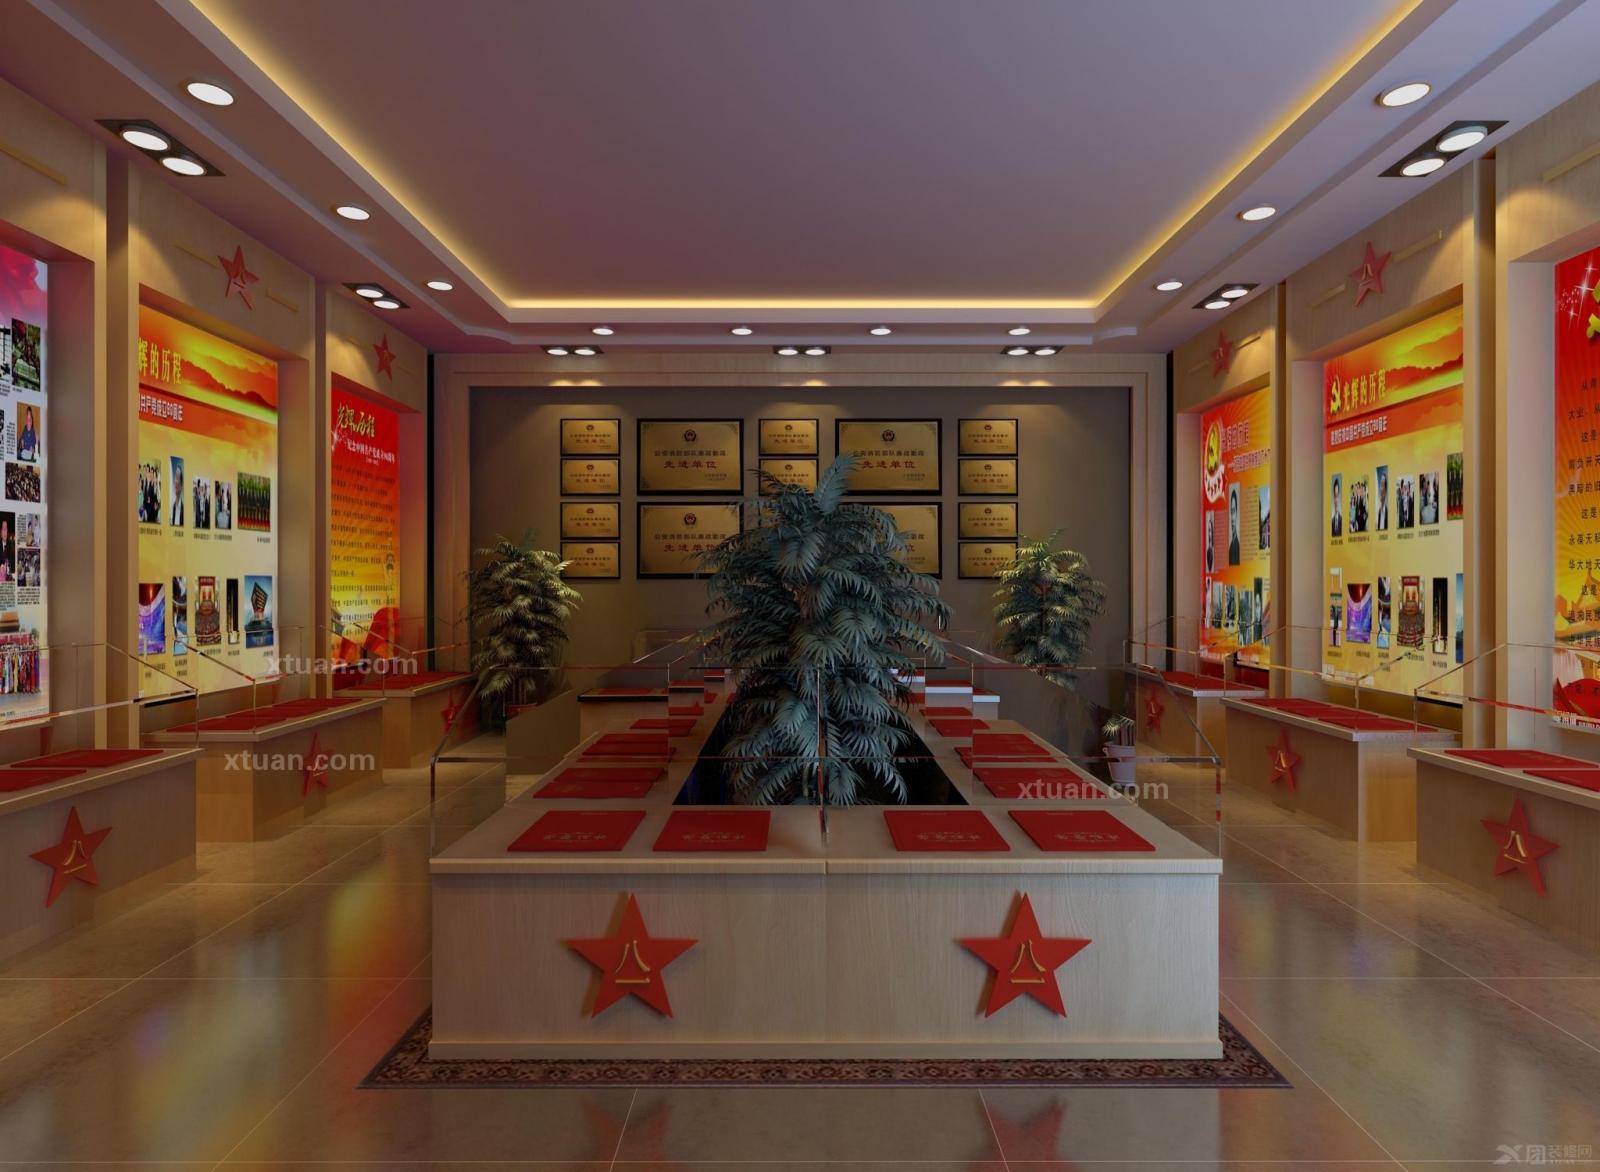 某部队荣誉室装修效果图 x团装修网 高清图片